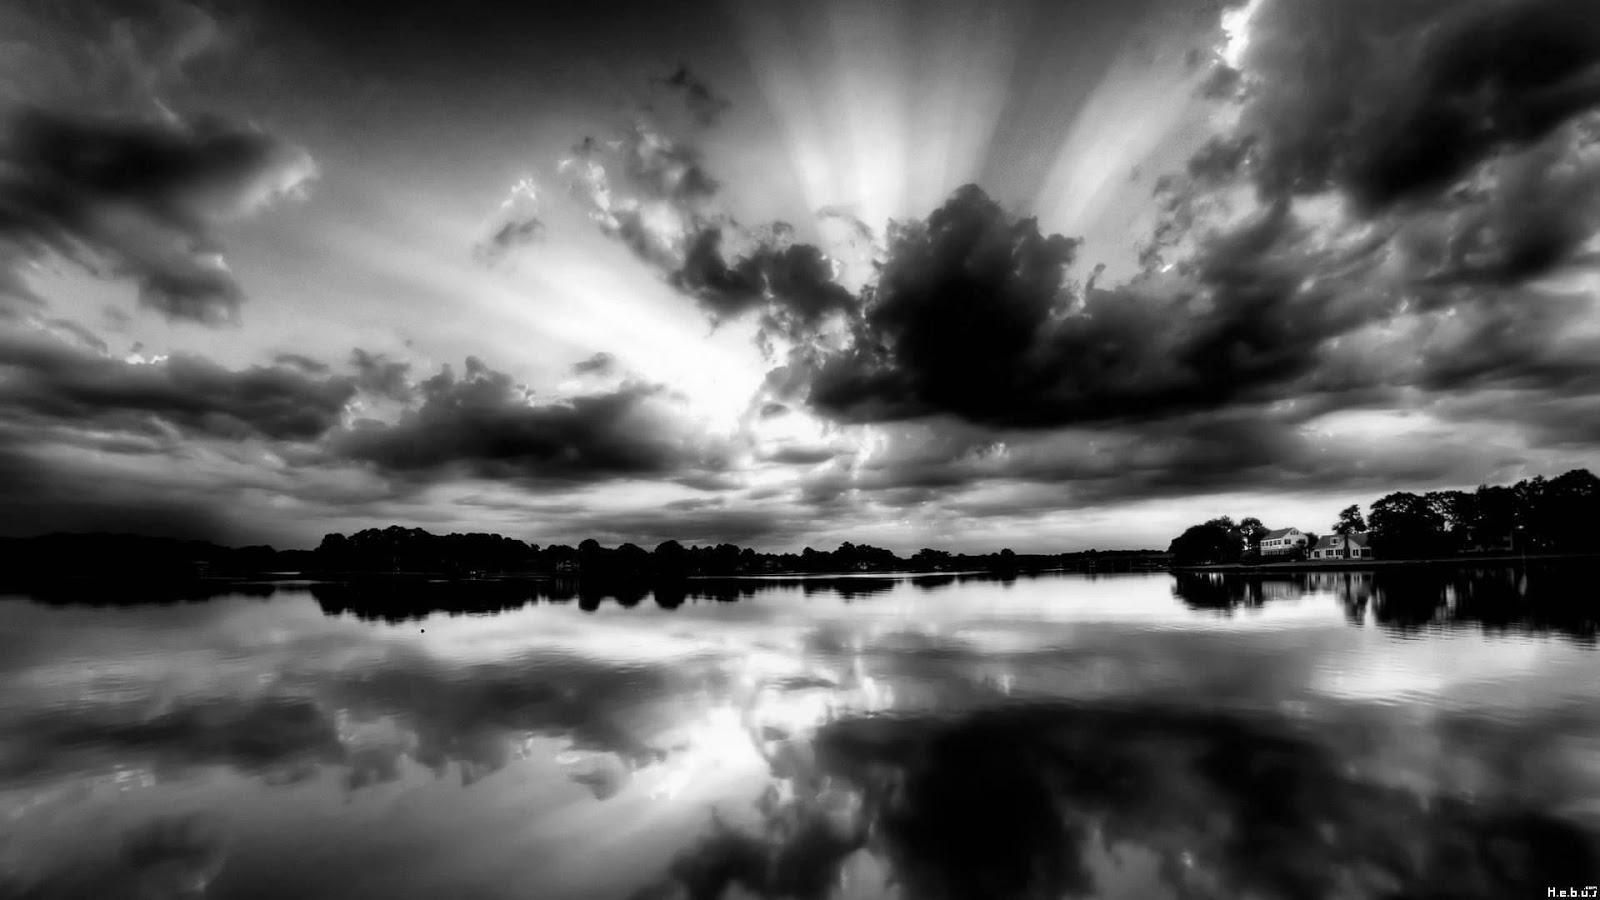 http://1.bp.blogspot.com/-a_ptzrEtyeE/UMTDbFnAEyI/AAAAAAAABrU/17jNfRbX_Zw/s1600/black+and+white+scenic+landscape+wallpaper+hd+%282%29.jpg